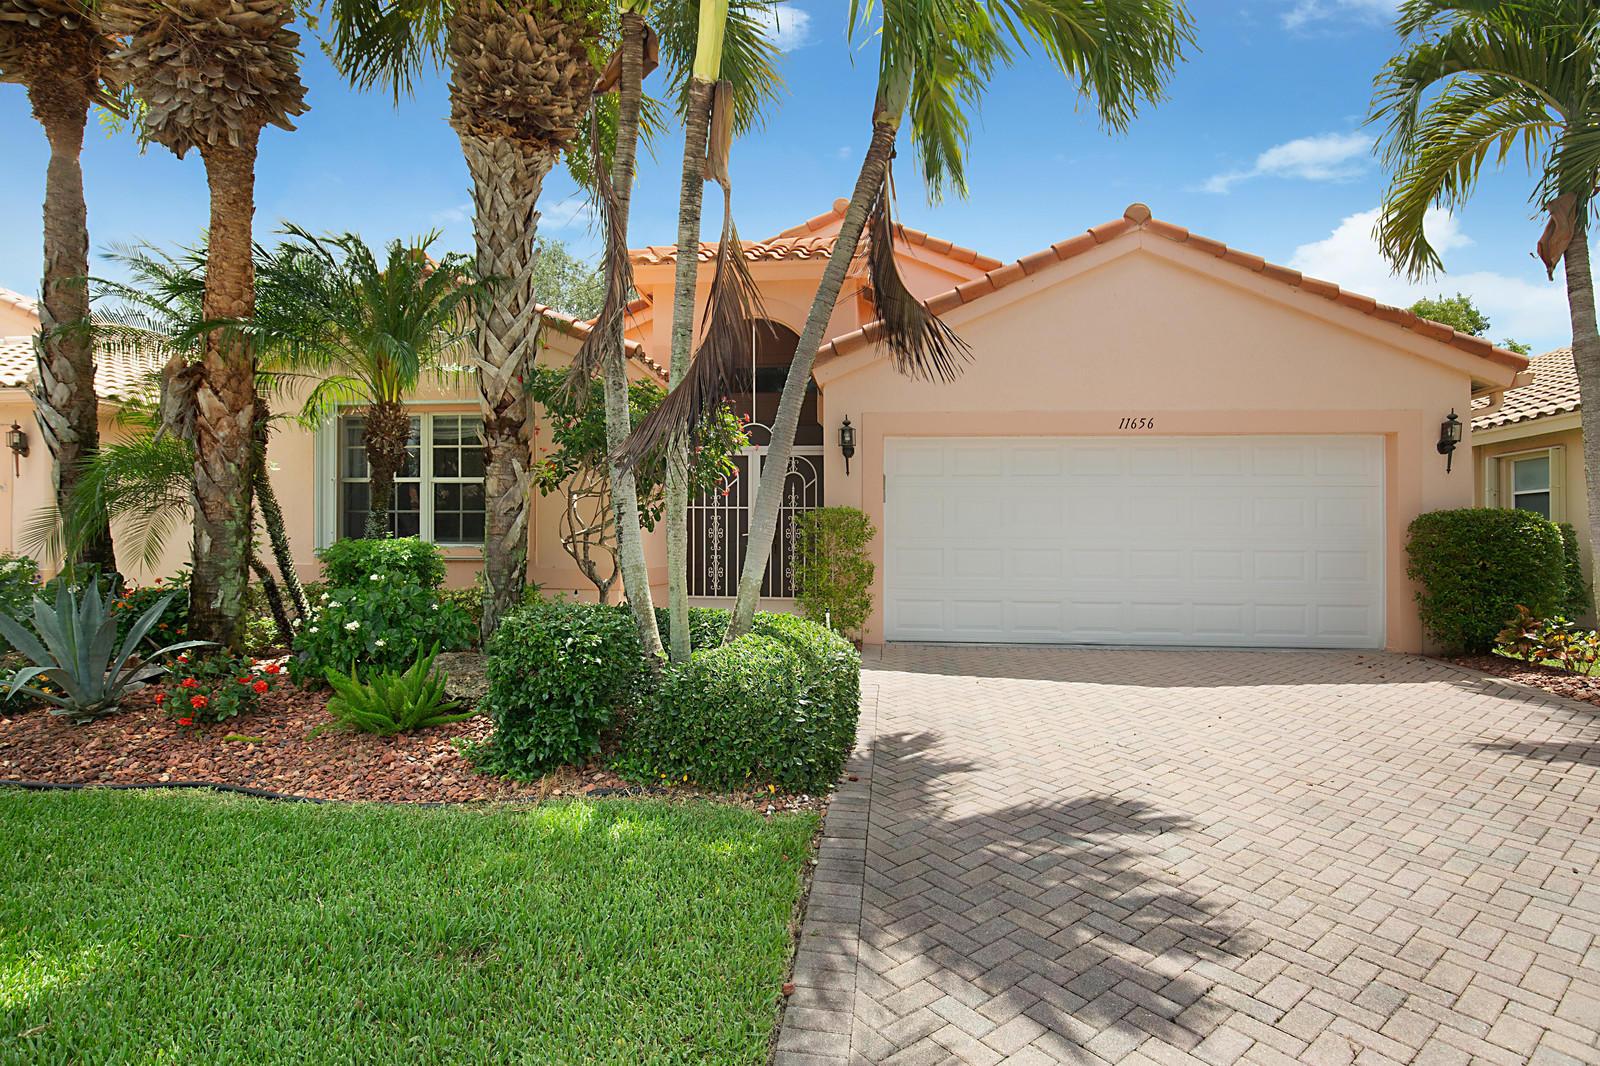 11656 Dove Hollow Avenue Boynton Beach, FL 33437